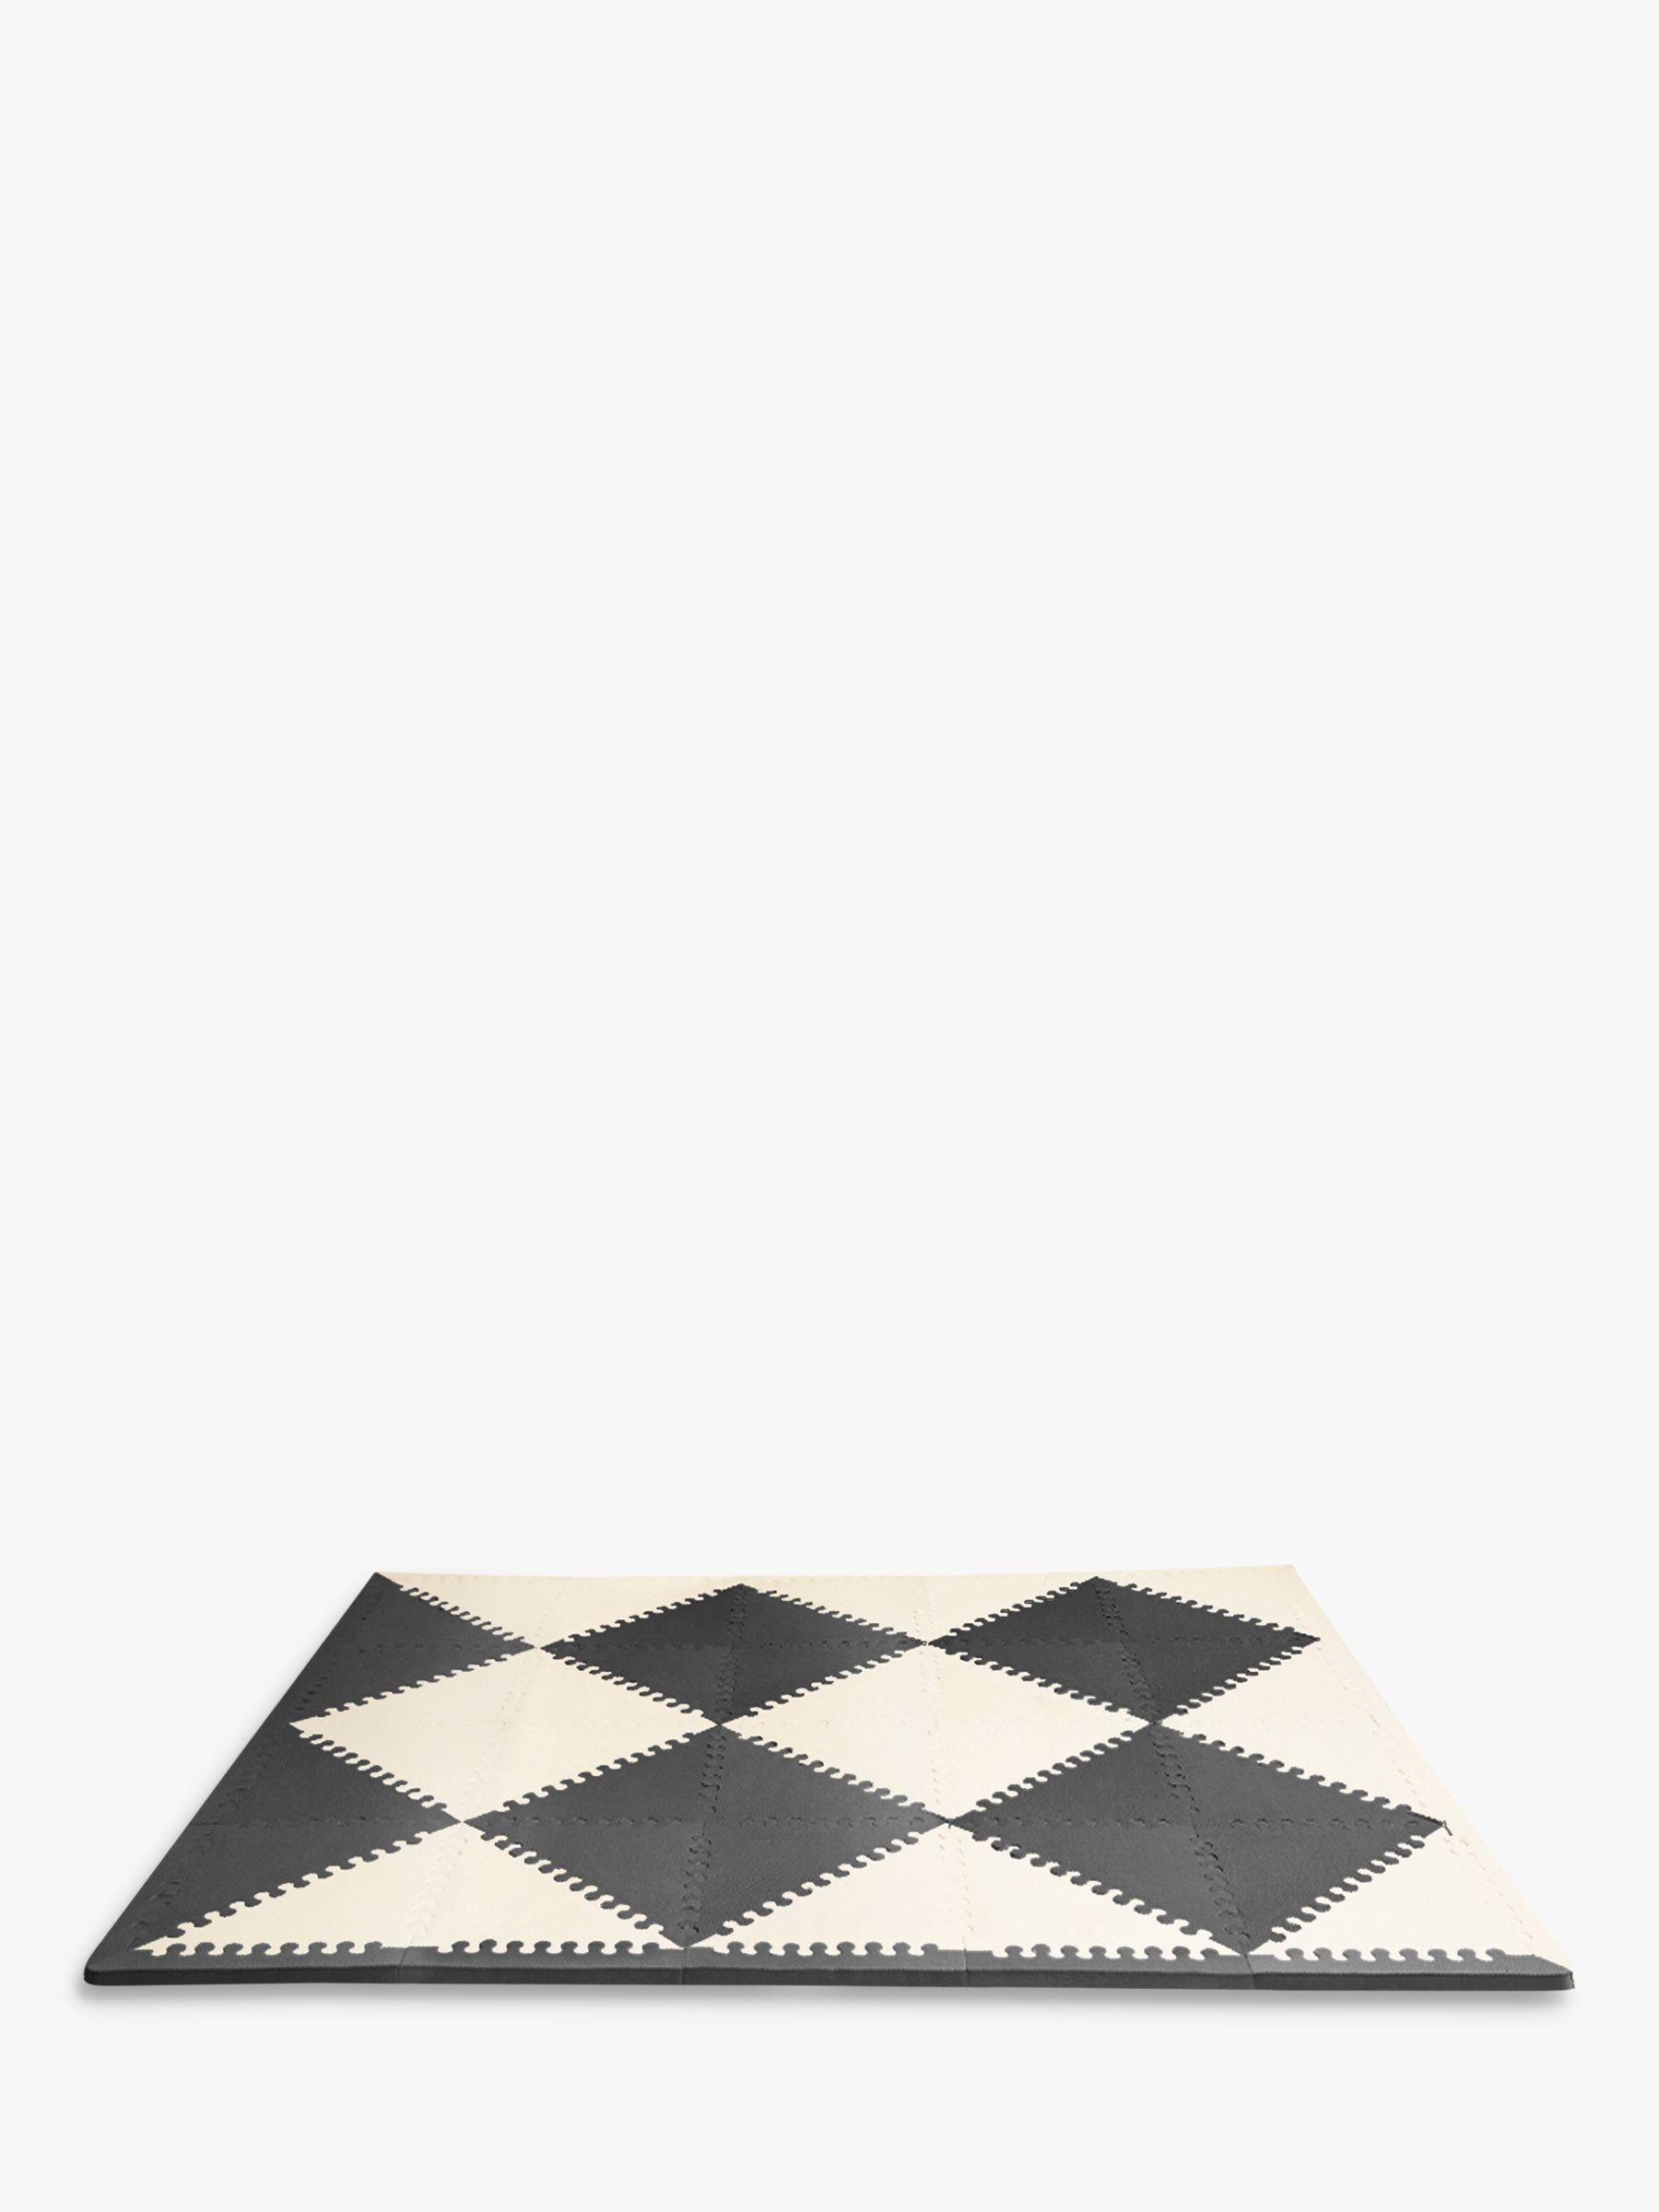 Skip Hop Skip Hop Playspot Foam Floor Tiles, Black